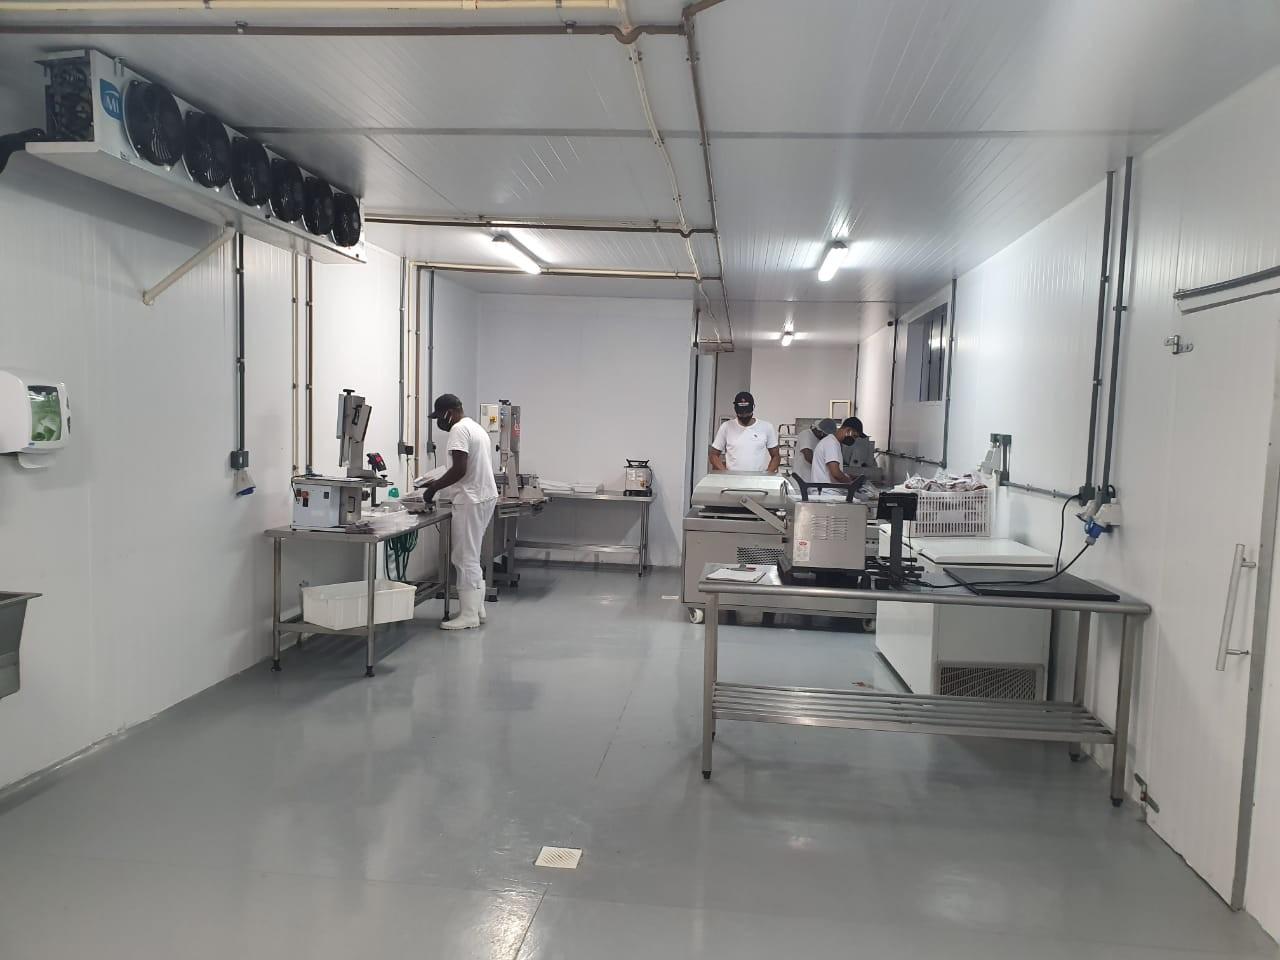 Provenza Carnes Especiais, de Petrópolis (RJ), que comercializa cortes de carnes nobres e produtos gourmet (Foto: Leo Guimarães/Divulgação)